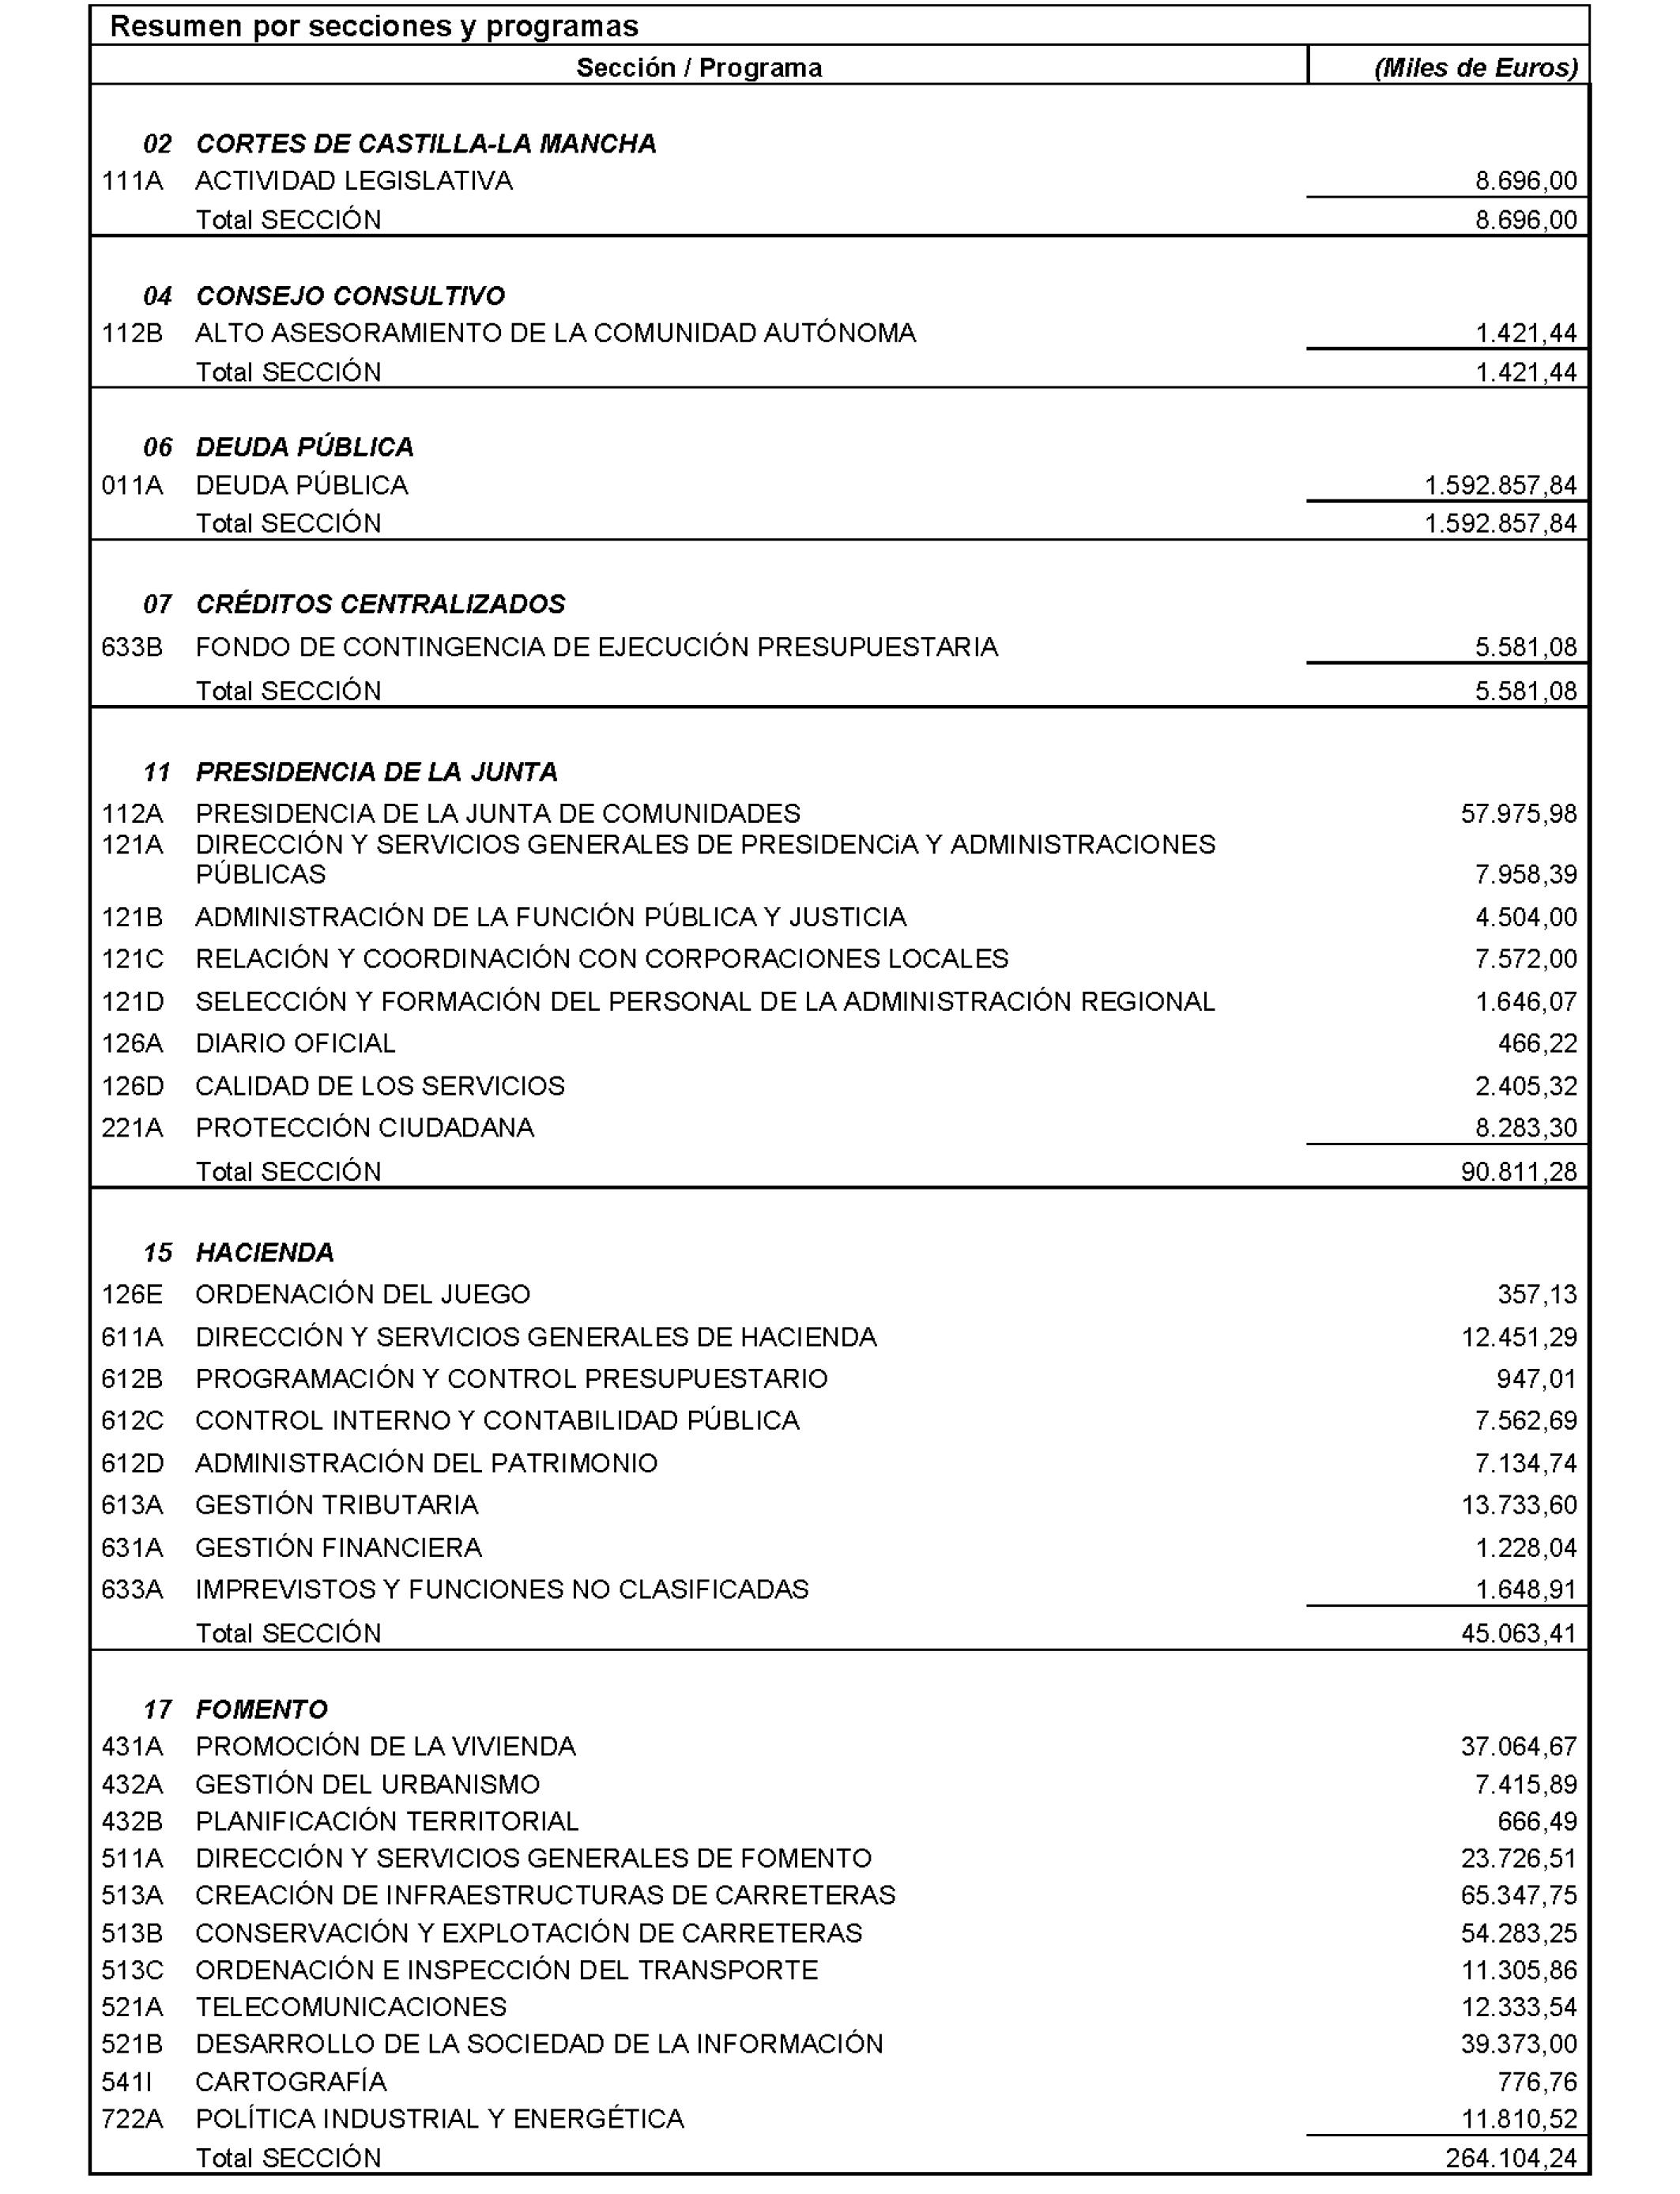 Fondo de contingencia presupuestaria